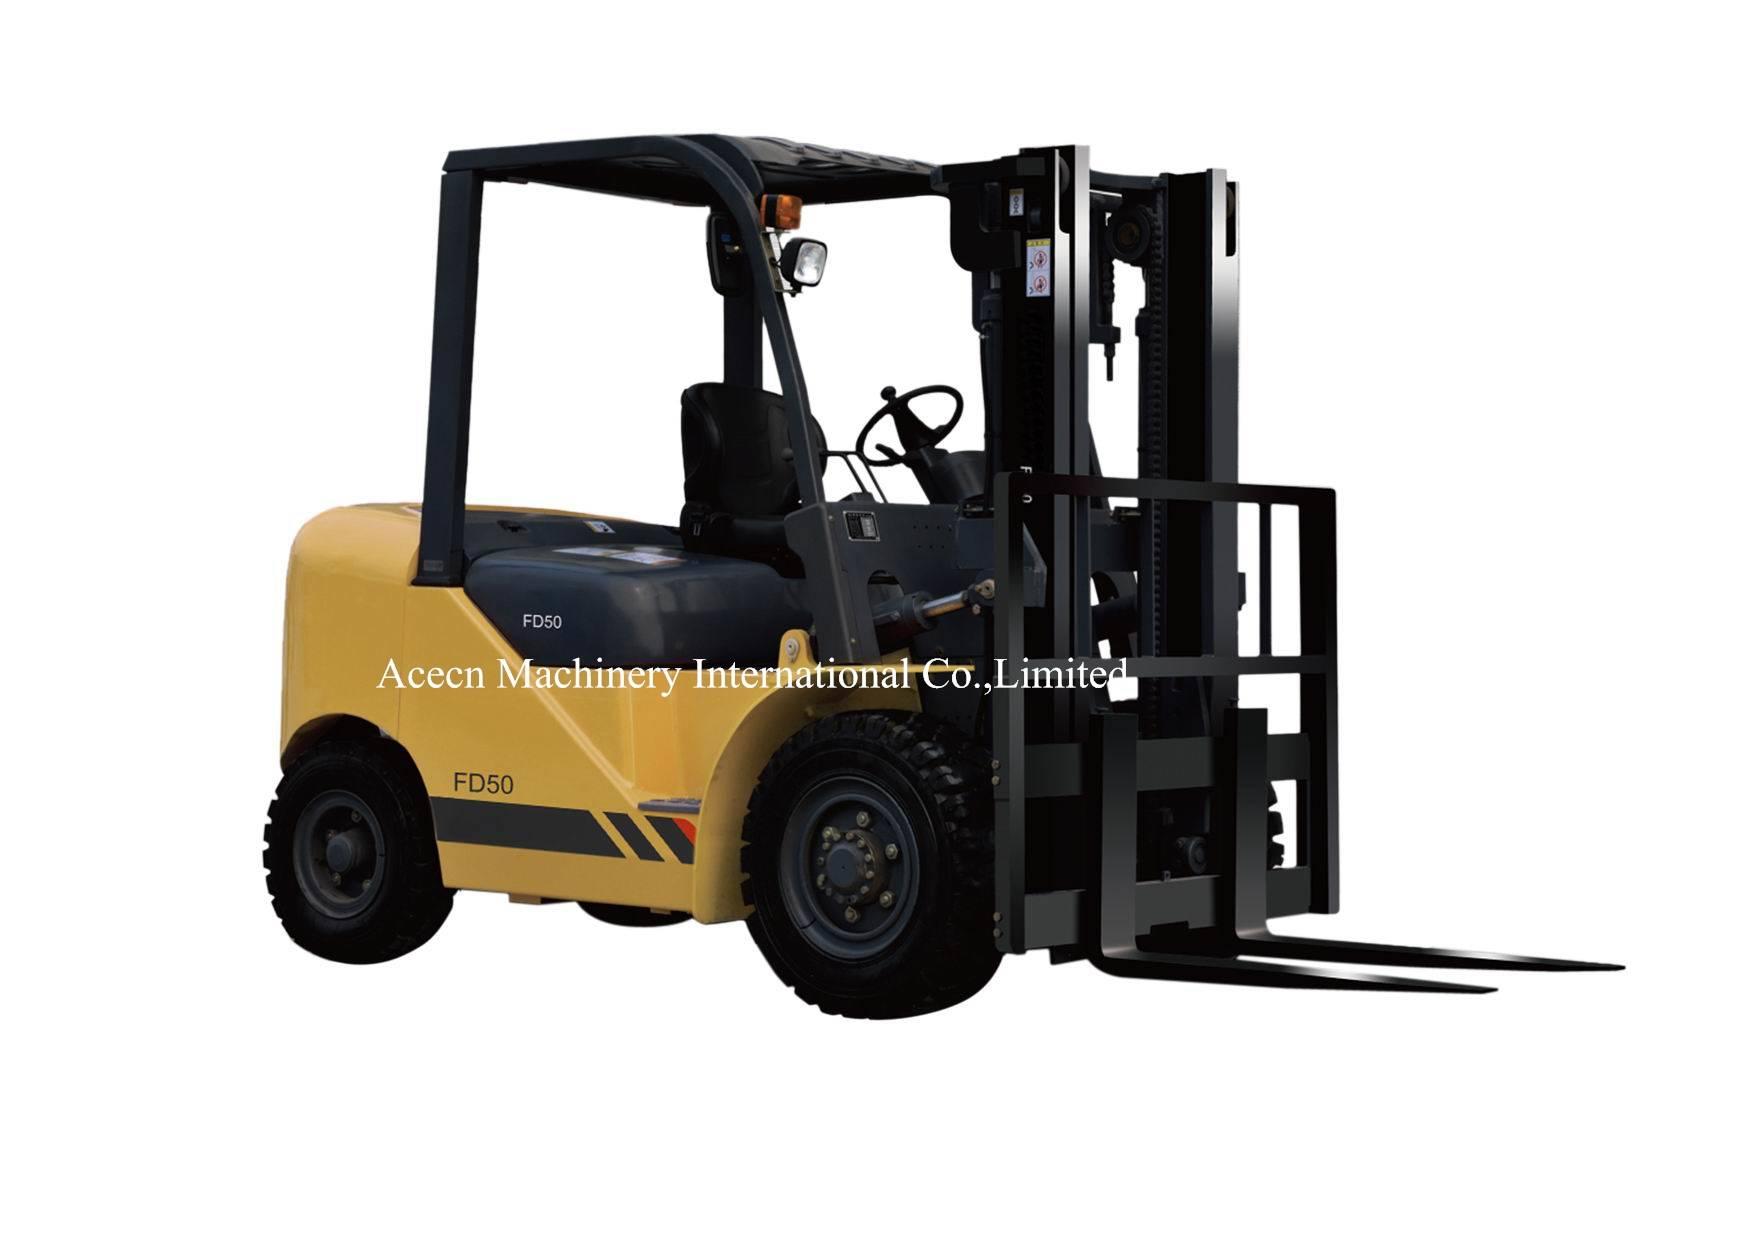 5.0T Diesel Forklift with Optional Isuzu 6BG1 Engine